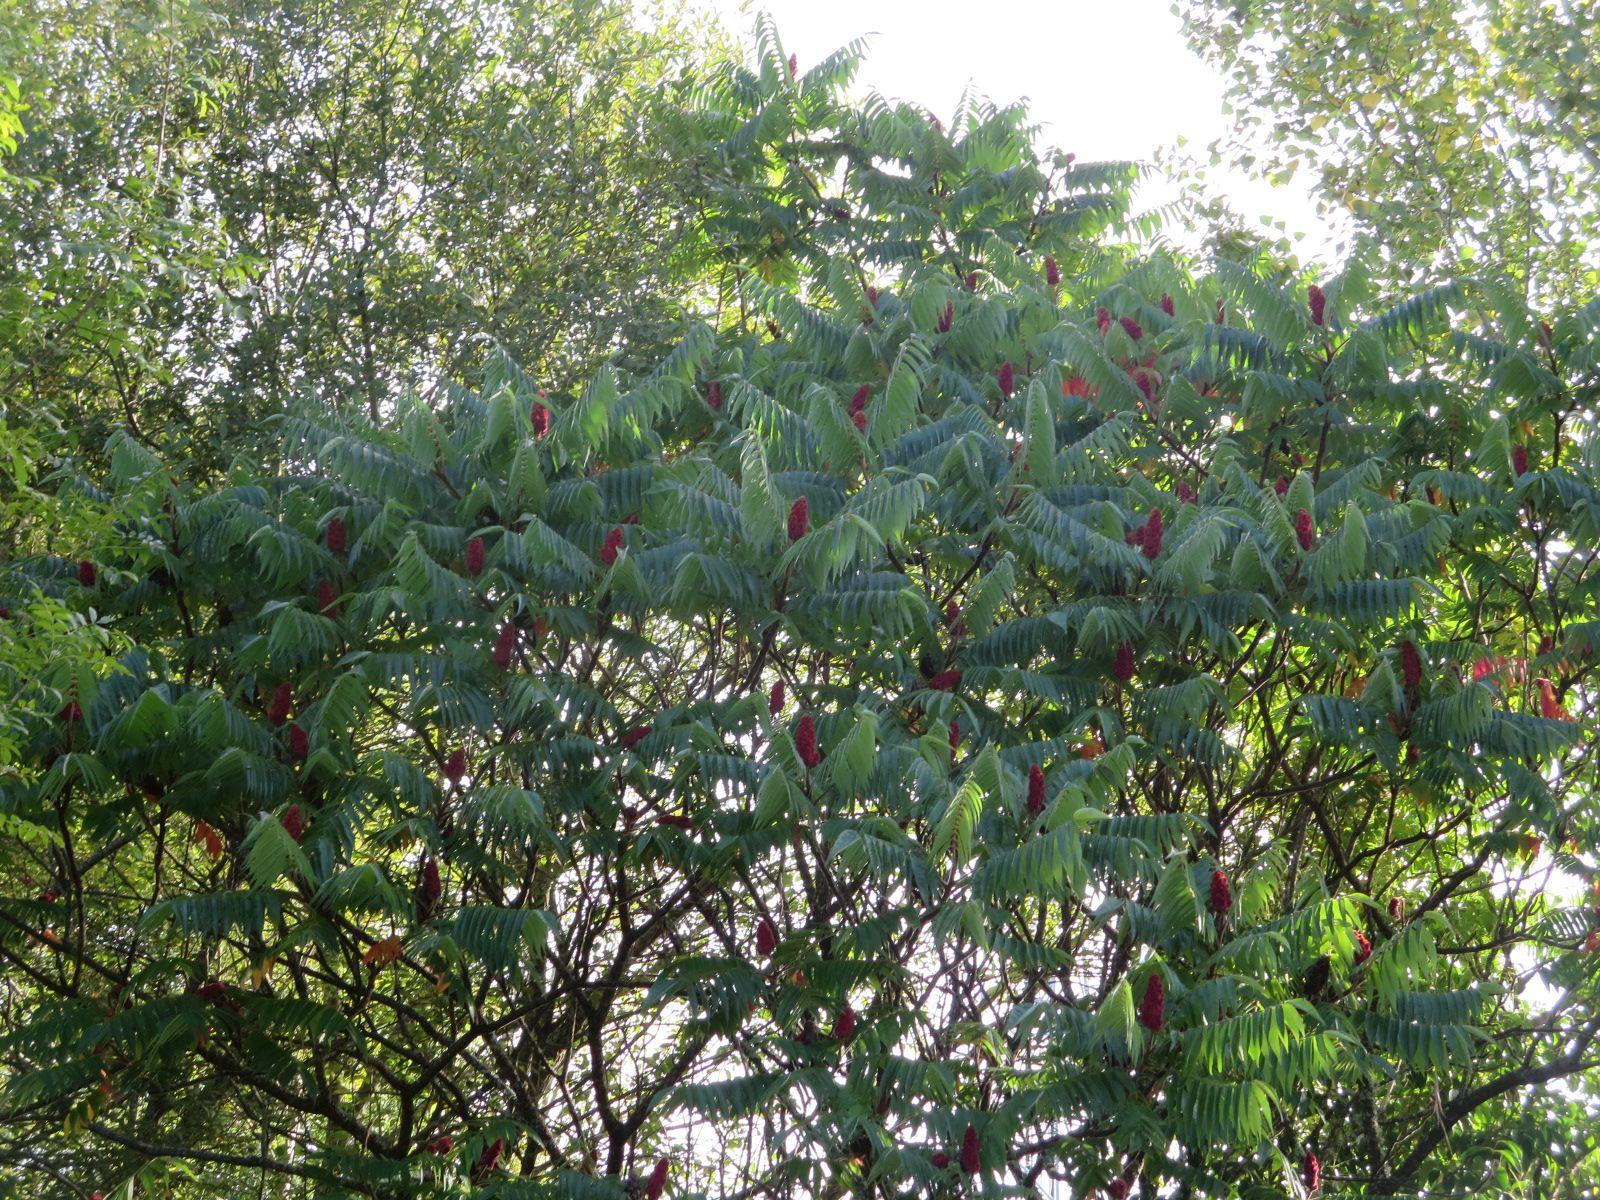 Alors que le Bignone n'a plus que quelques calices, l'Herbe des Pampas sort ses épis presque argentés et dans le même espace, les Sumacs se sont décorés de panouilles rouges en attendant les chaudes couleurs qui bientôt habilleront leur feuillage.